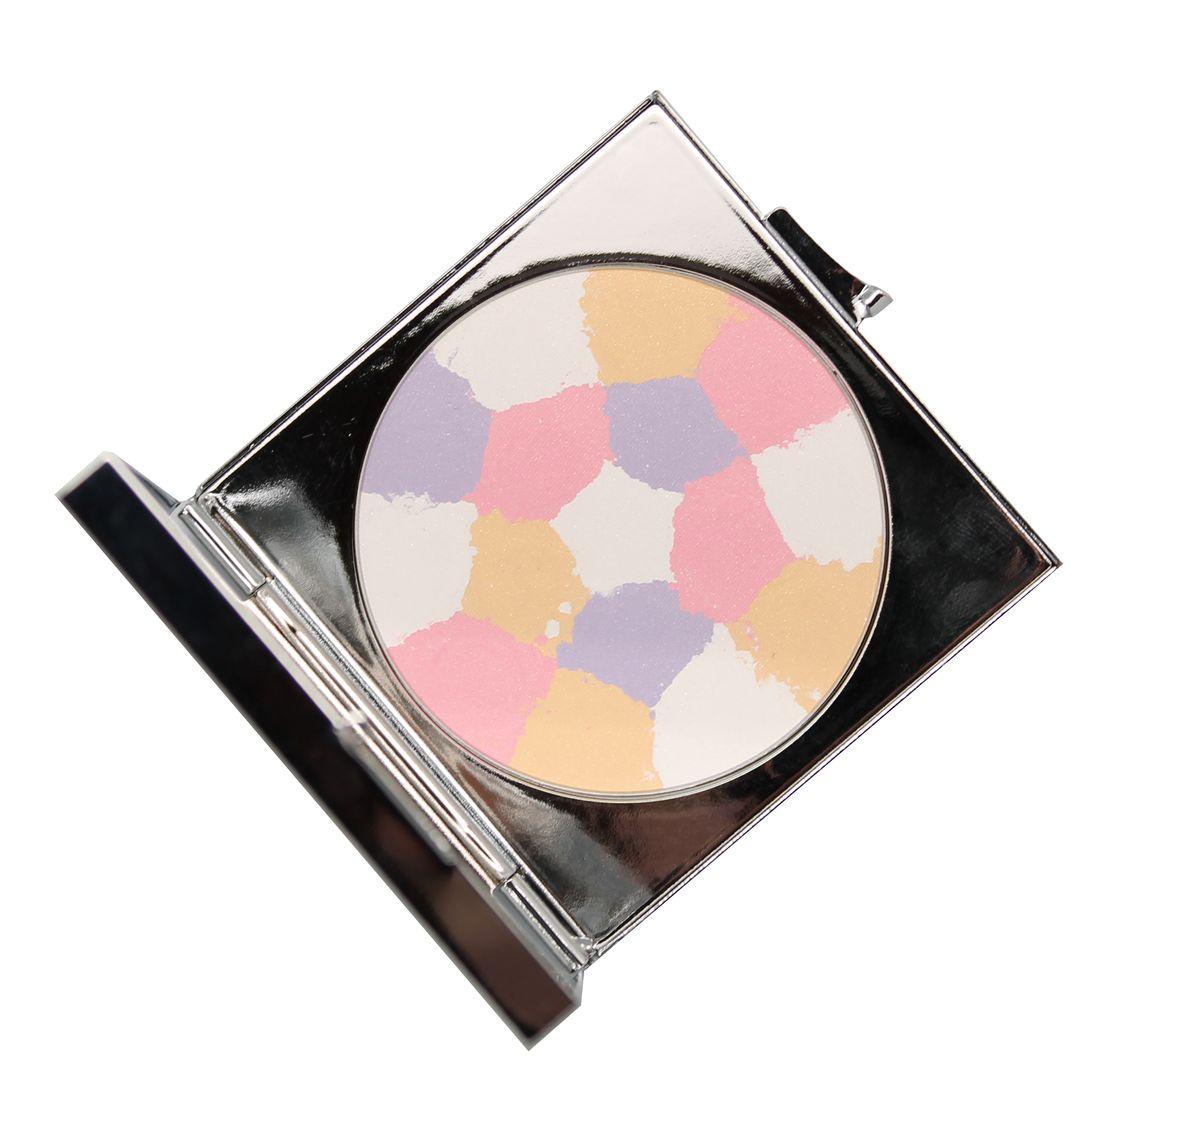 Yllozure Румяна Muiti Colour, тон 23, 10 г3823Cмешение четырех оттенков позволяет получить разные эффекты от макияжа. Румяна состоят из матовых и перламутровых оттенков с корректирующими и светоусиливающими свойствами, придают сияние коже любого типа: розовый освежает цвет лица, сиреневый нейтрализует любые несовершенства кожи желтого и коричневого оттенков: веснушки, пигментные и родимые пятна. Белый придает яркость, лиловый улавливает свет, золотистый и перламутровый придают коже